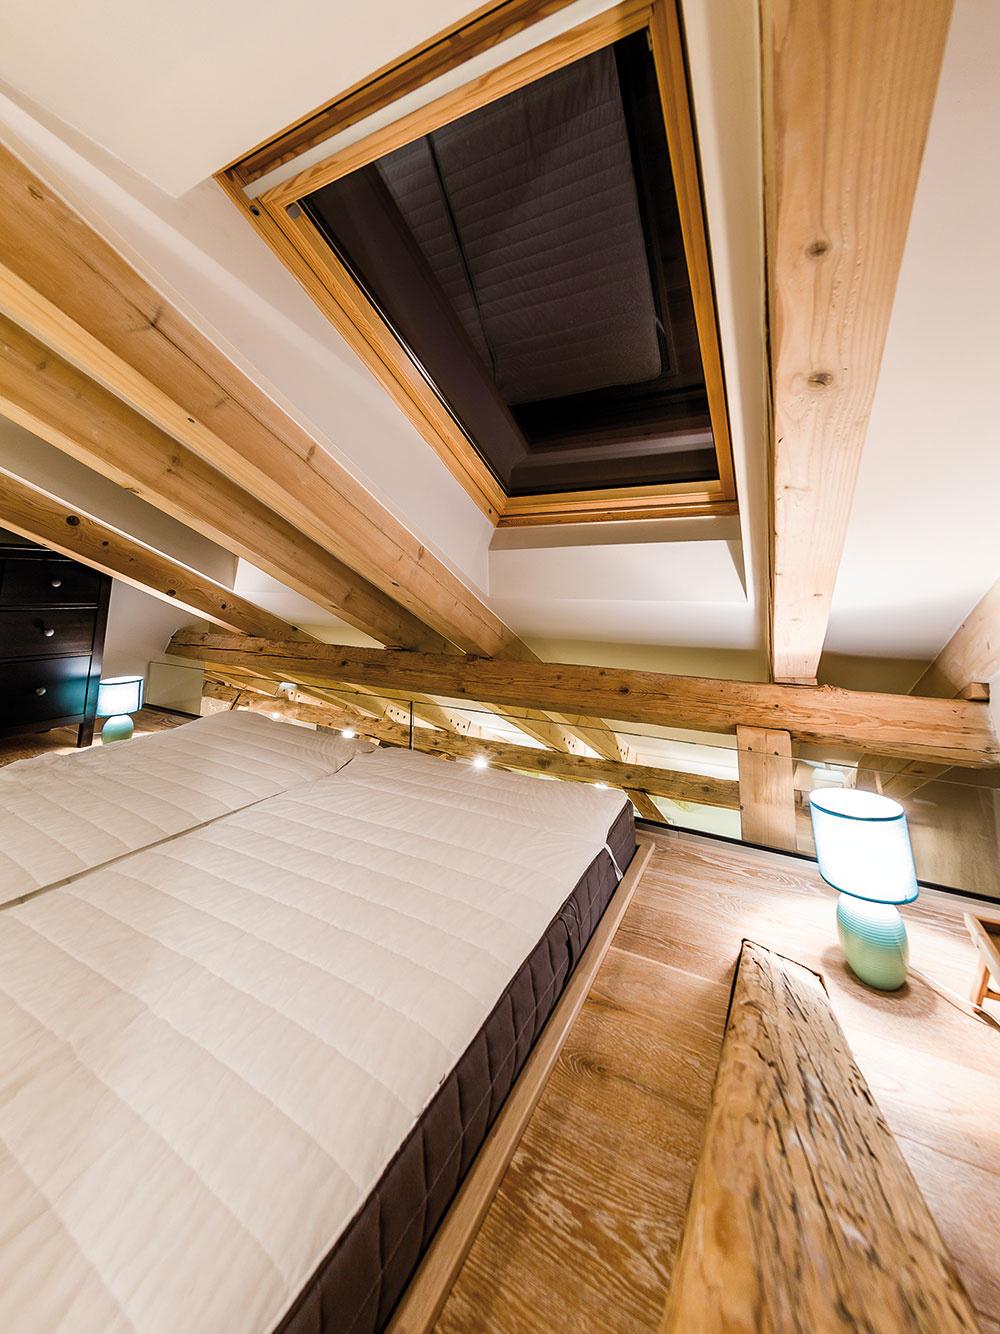 Domáci sa rozhodli vspálni nepoužiť ani nočné stolíky. Príručné lampy sa nachádzajú voľne na podlahe. Riešenie tak necháva plne vyniknúť použité drevo avýhľady na oblohu.